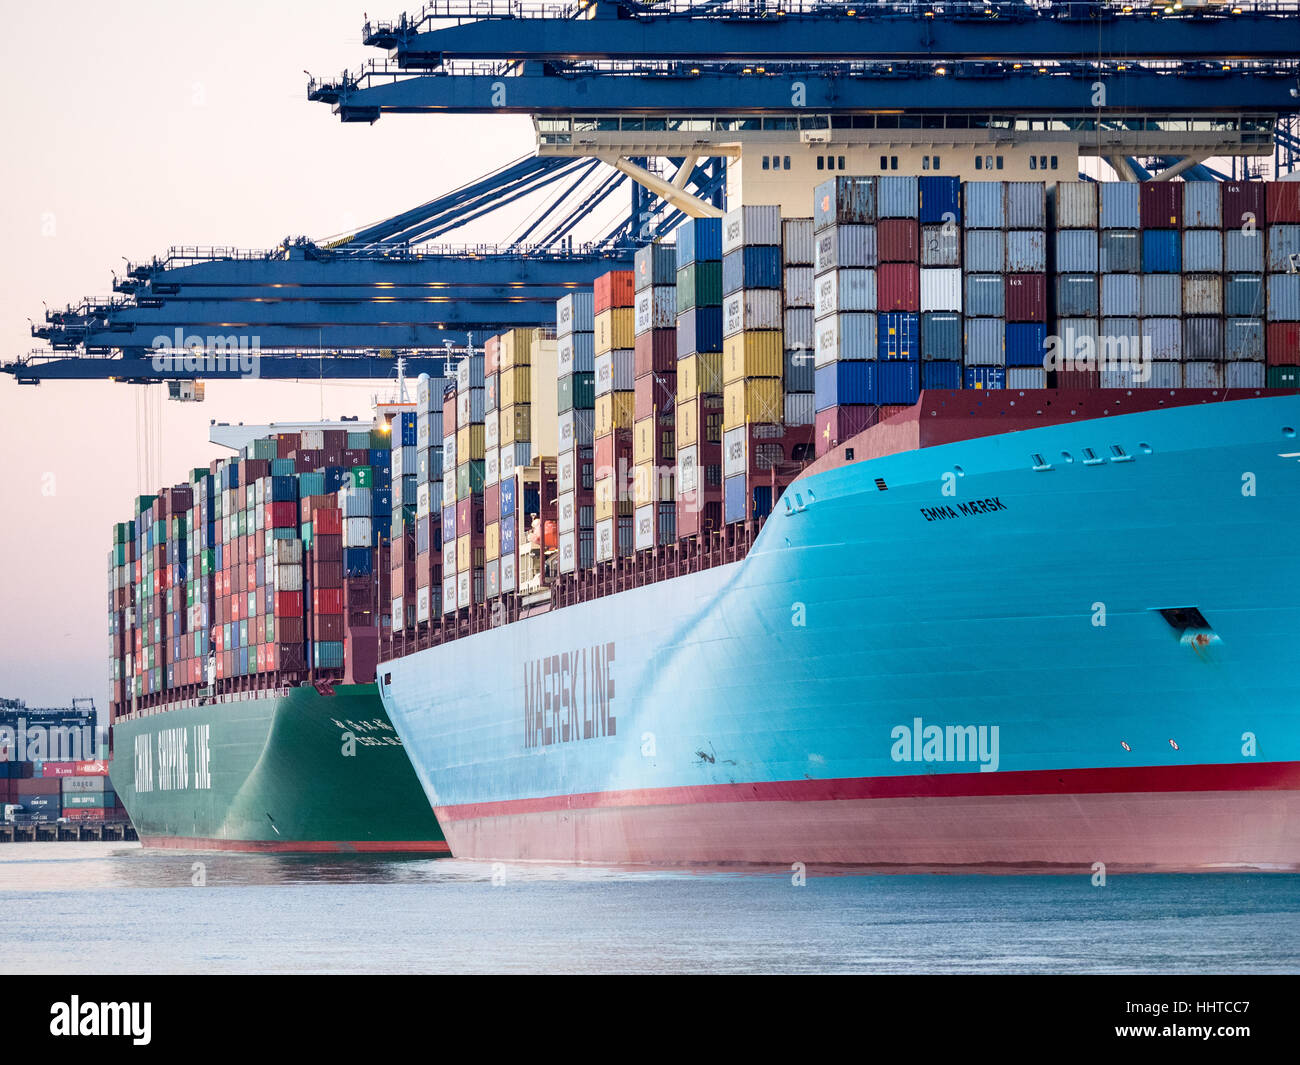 Porto di Felixstowe Commercio Internazionale Regno Unito - Le navi vengono caricate e scaricate a Felixstowe, Regno Immagini Stock